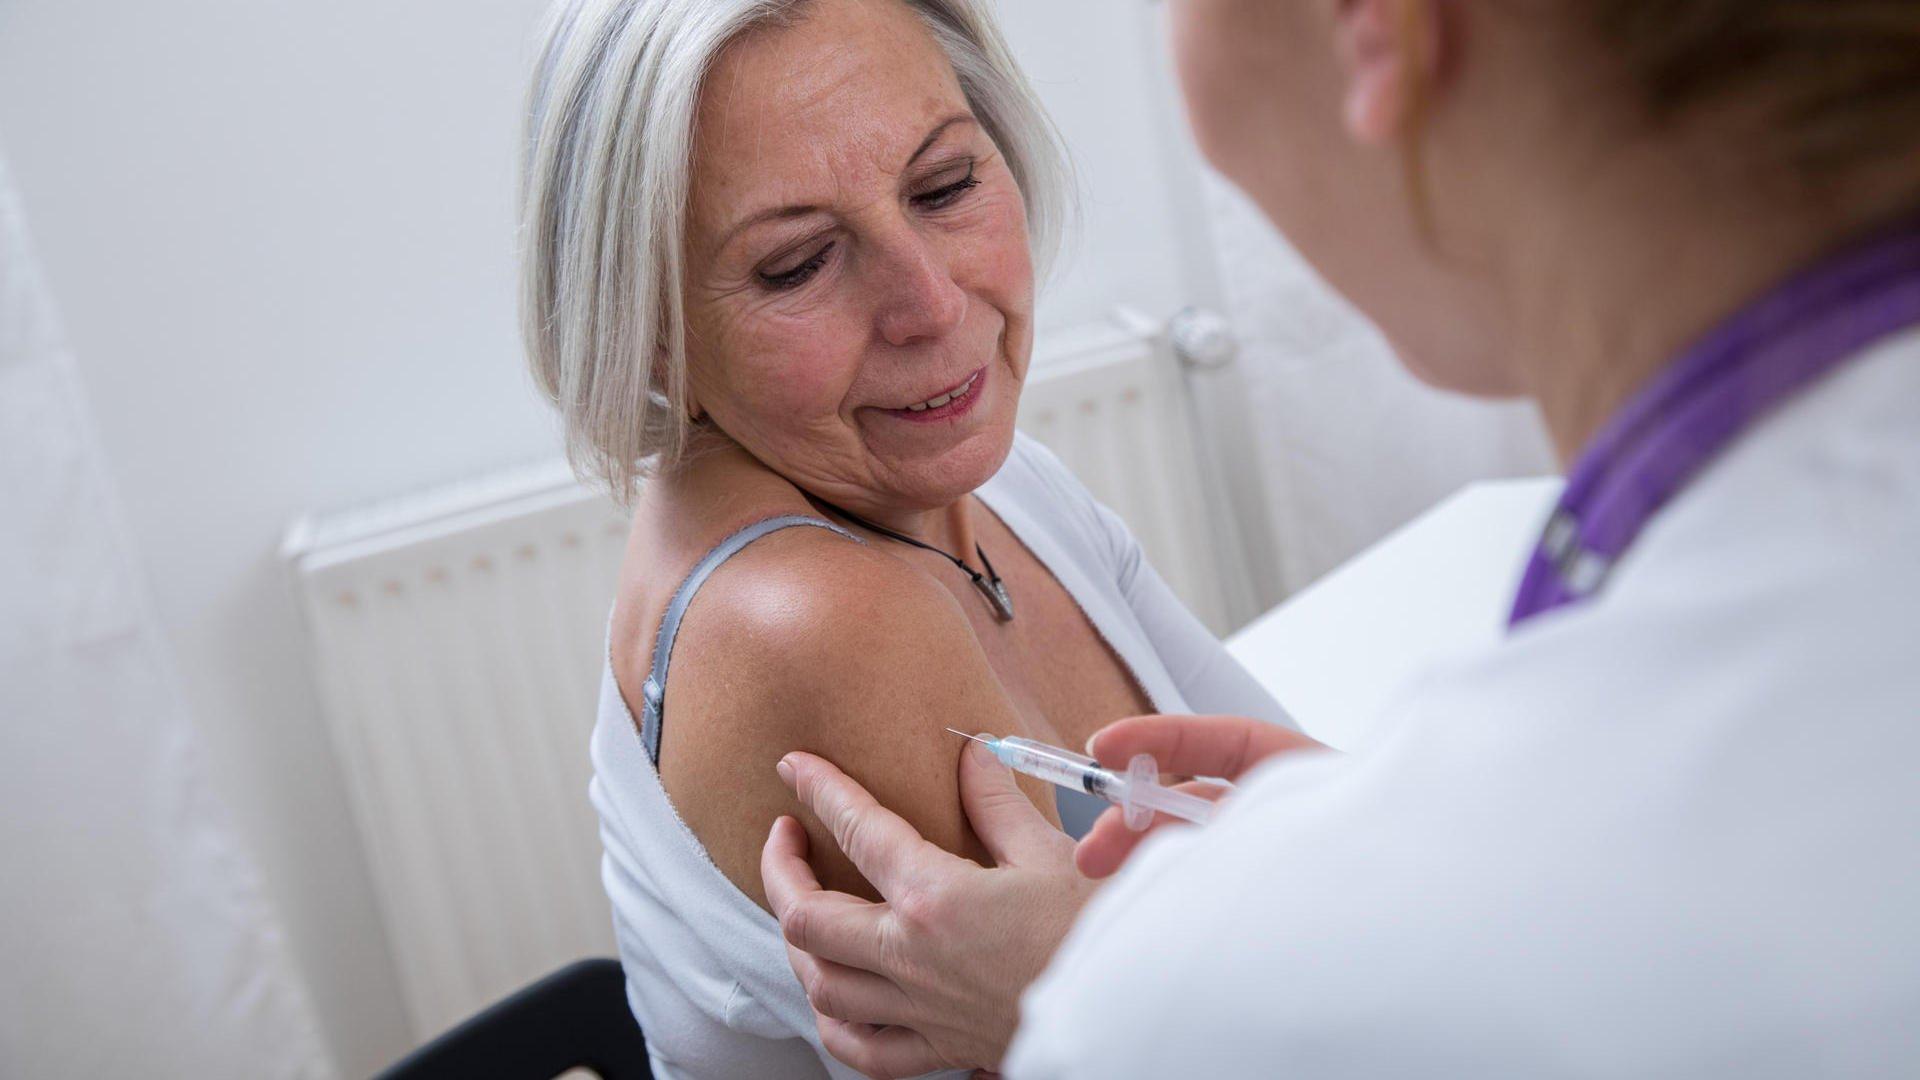 Der dritte Piks: Wer bekommt die Booster-Impfung?